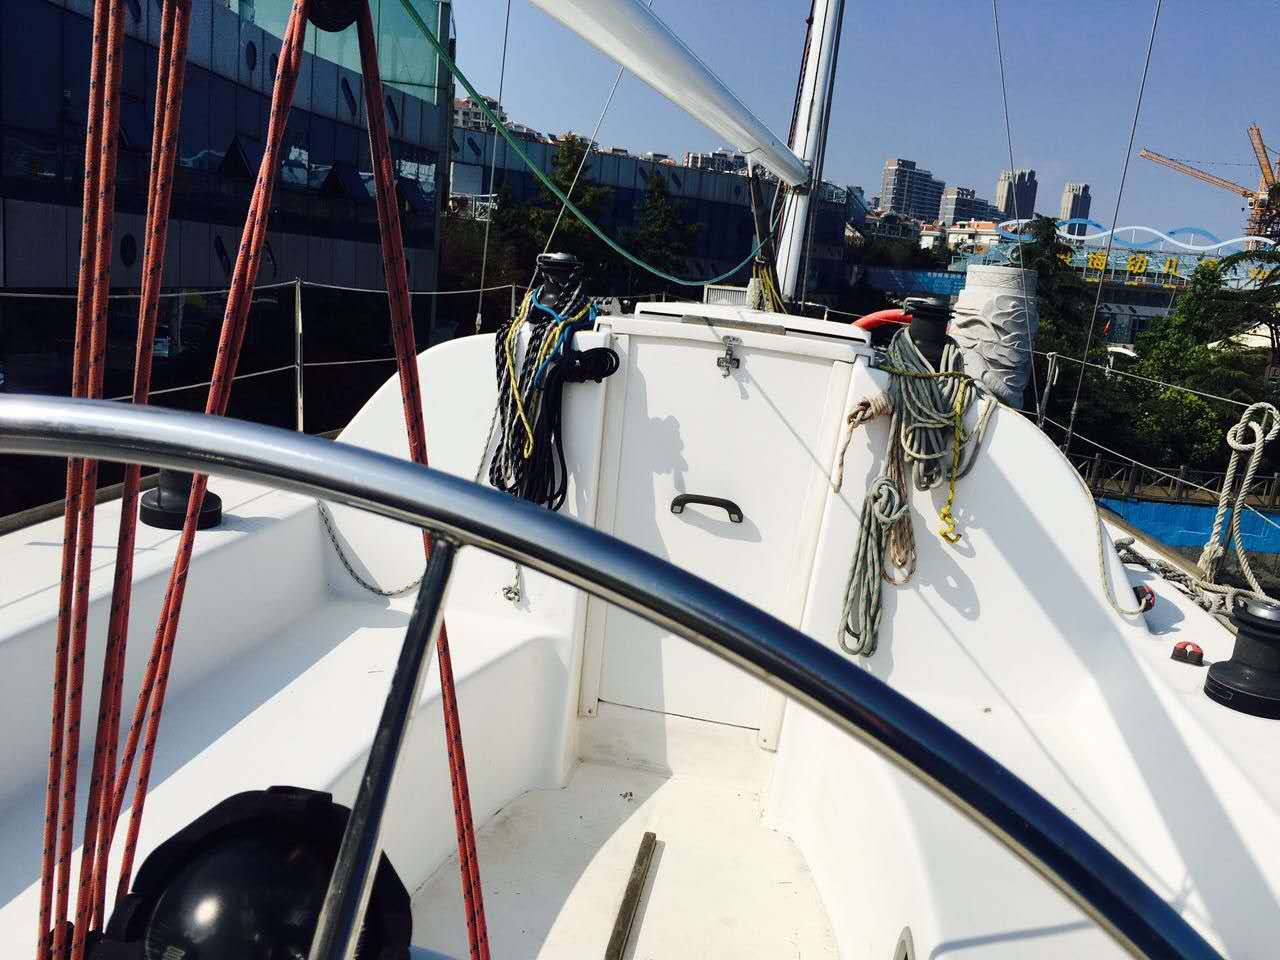 帆船,性能,出色,竞速,巡游 35尺竞速型巡游帆船转让  221848v7kk8qkb